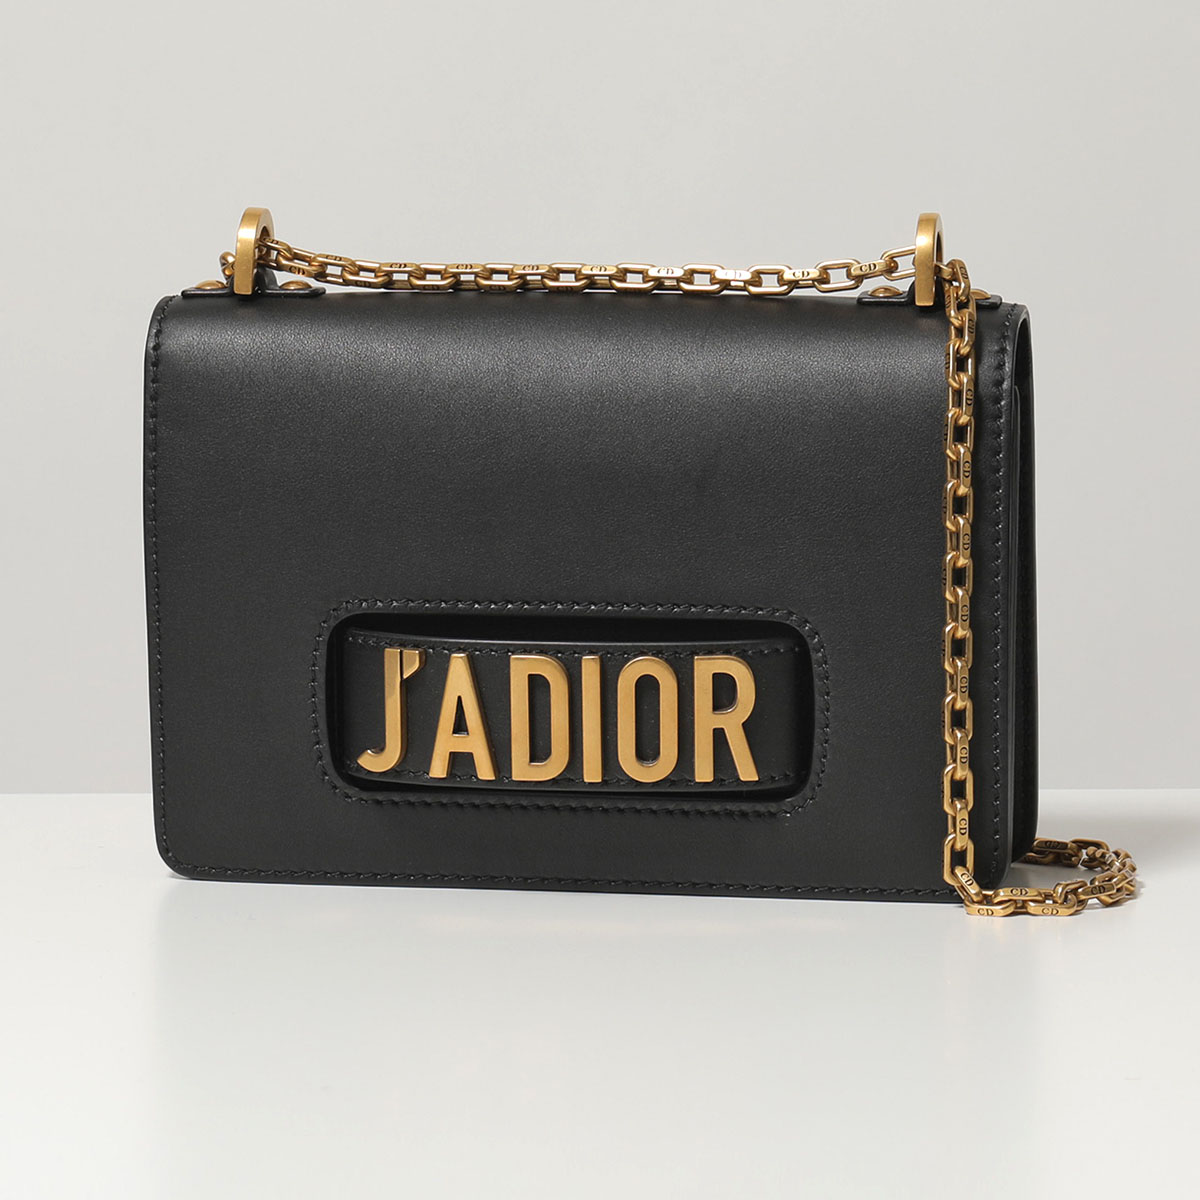 格安 【訳有】Dior ディオール M9000 CVWU 900U JADIOR M アンティークロゴパーツ レザー チェーン ショルダーバッグ 900/Noir 鞄 レディース, GENERAL STORE b9357227